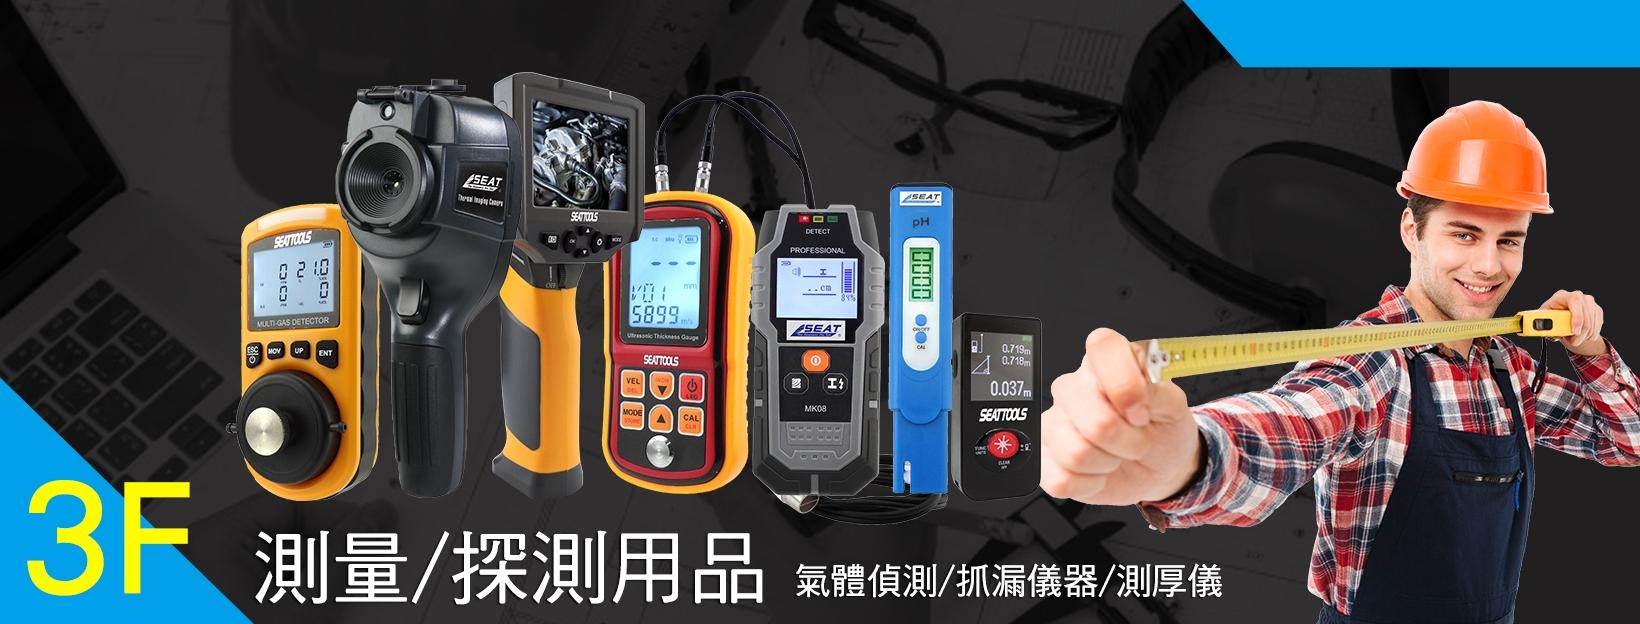 測量/探測用品